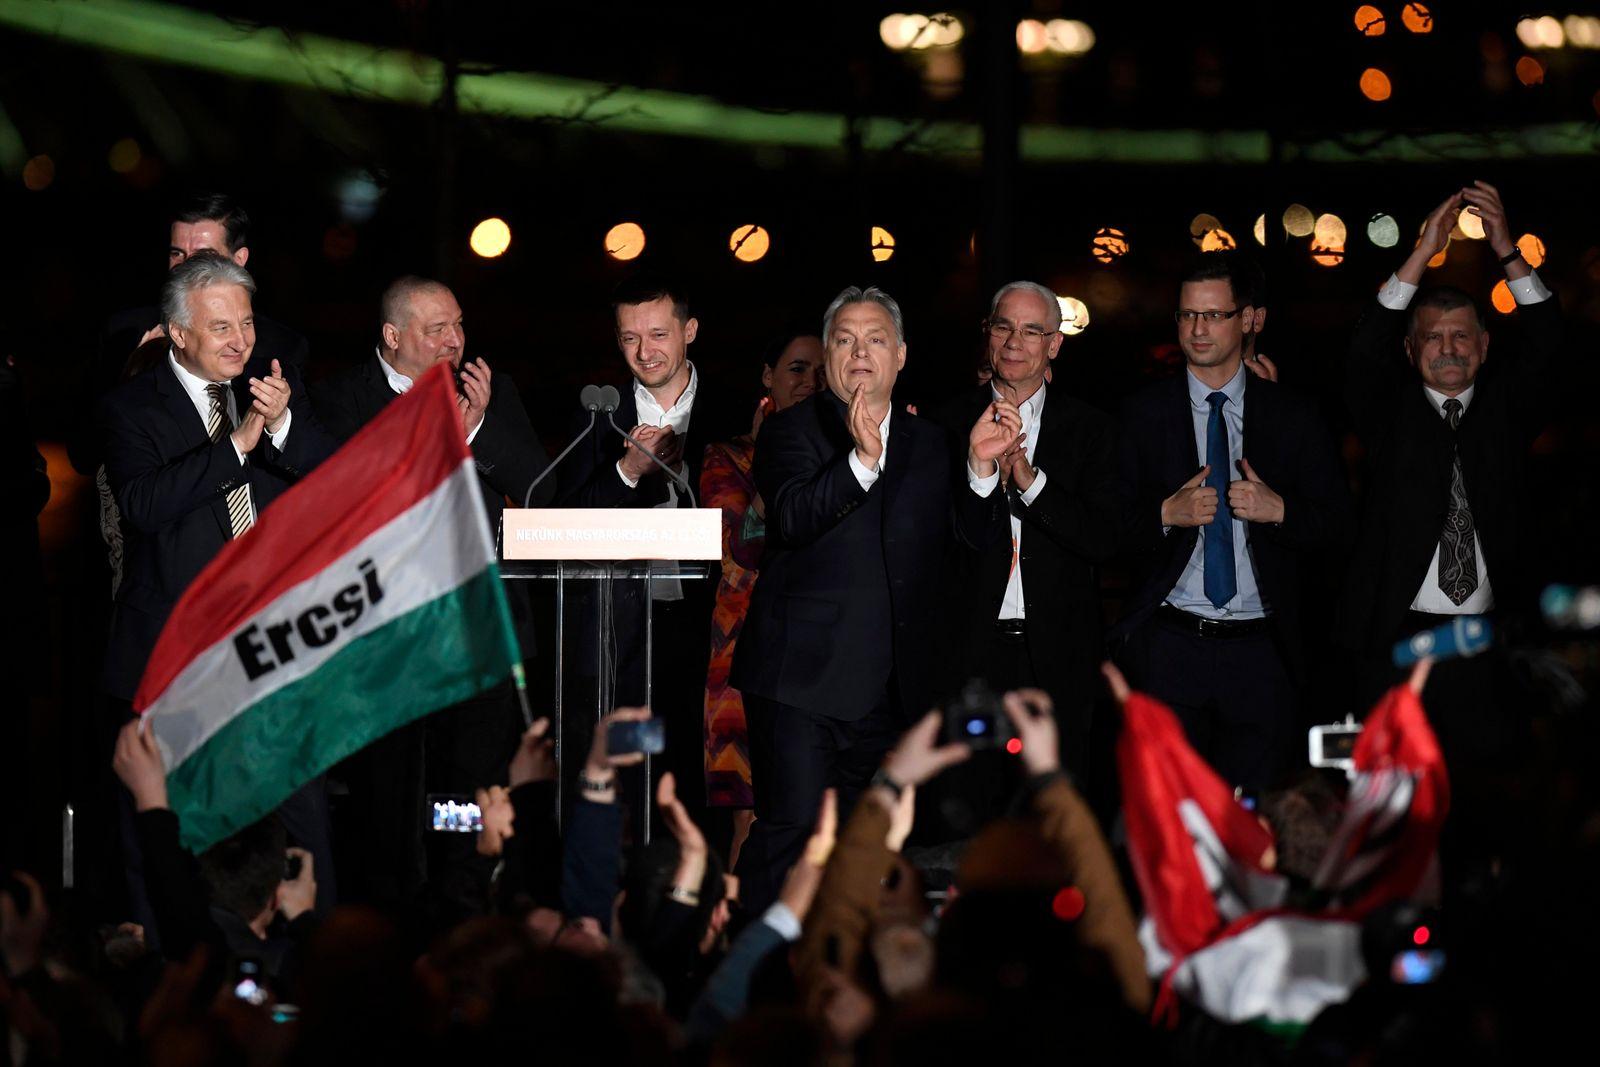 Orbán / Balog